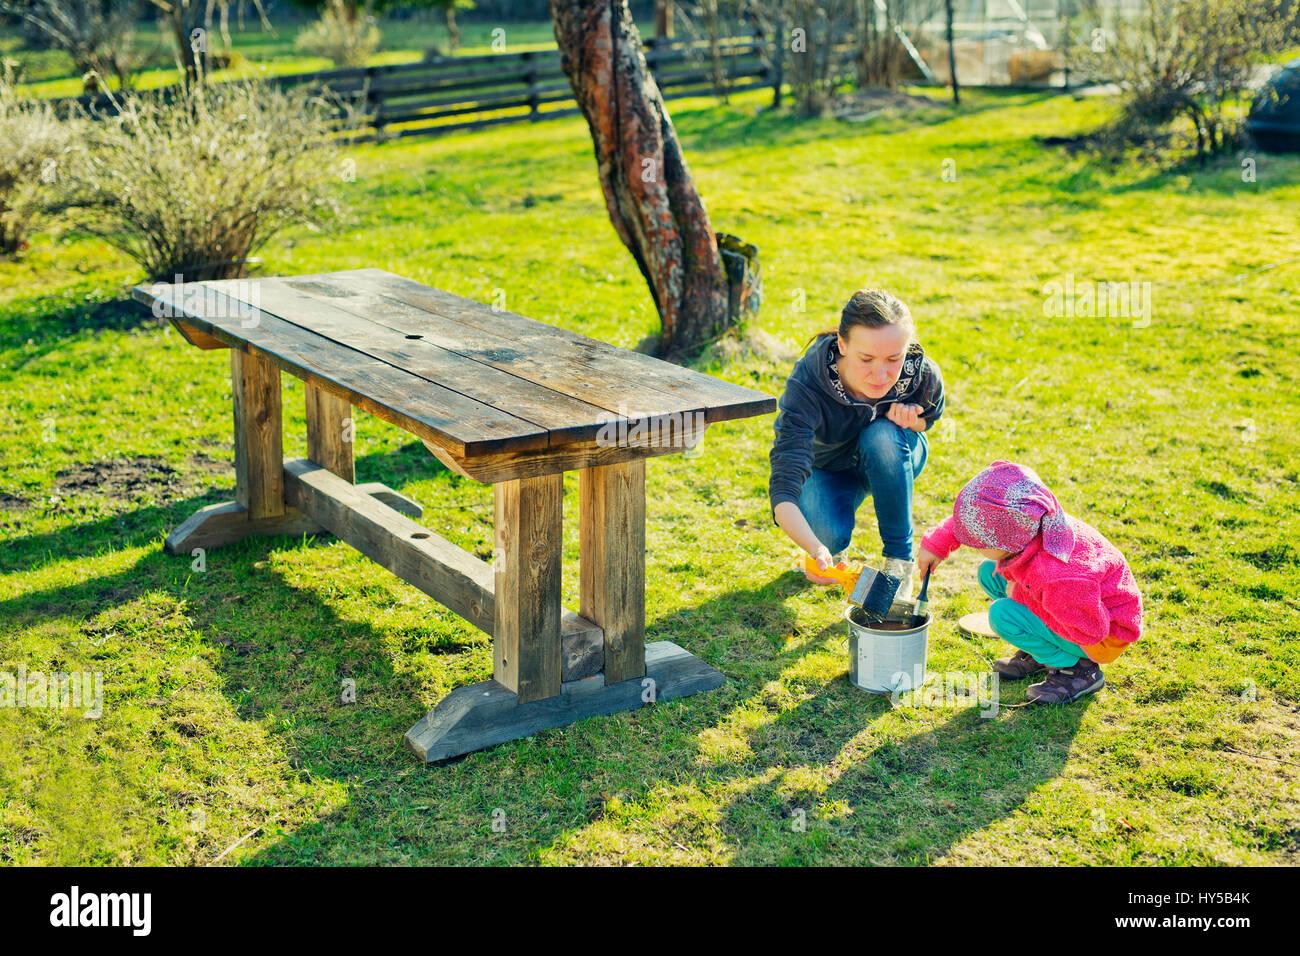 Finlandia, paijat-hame, Heinola, madre e figlia (4-5) lubrificando tavolo di legno in giardino Foto Stock